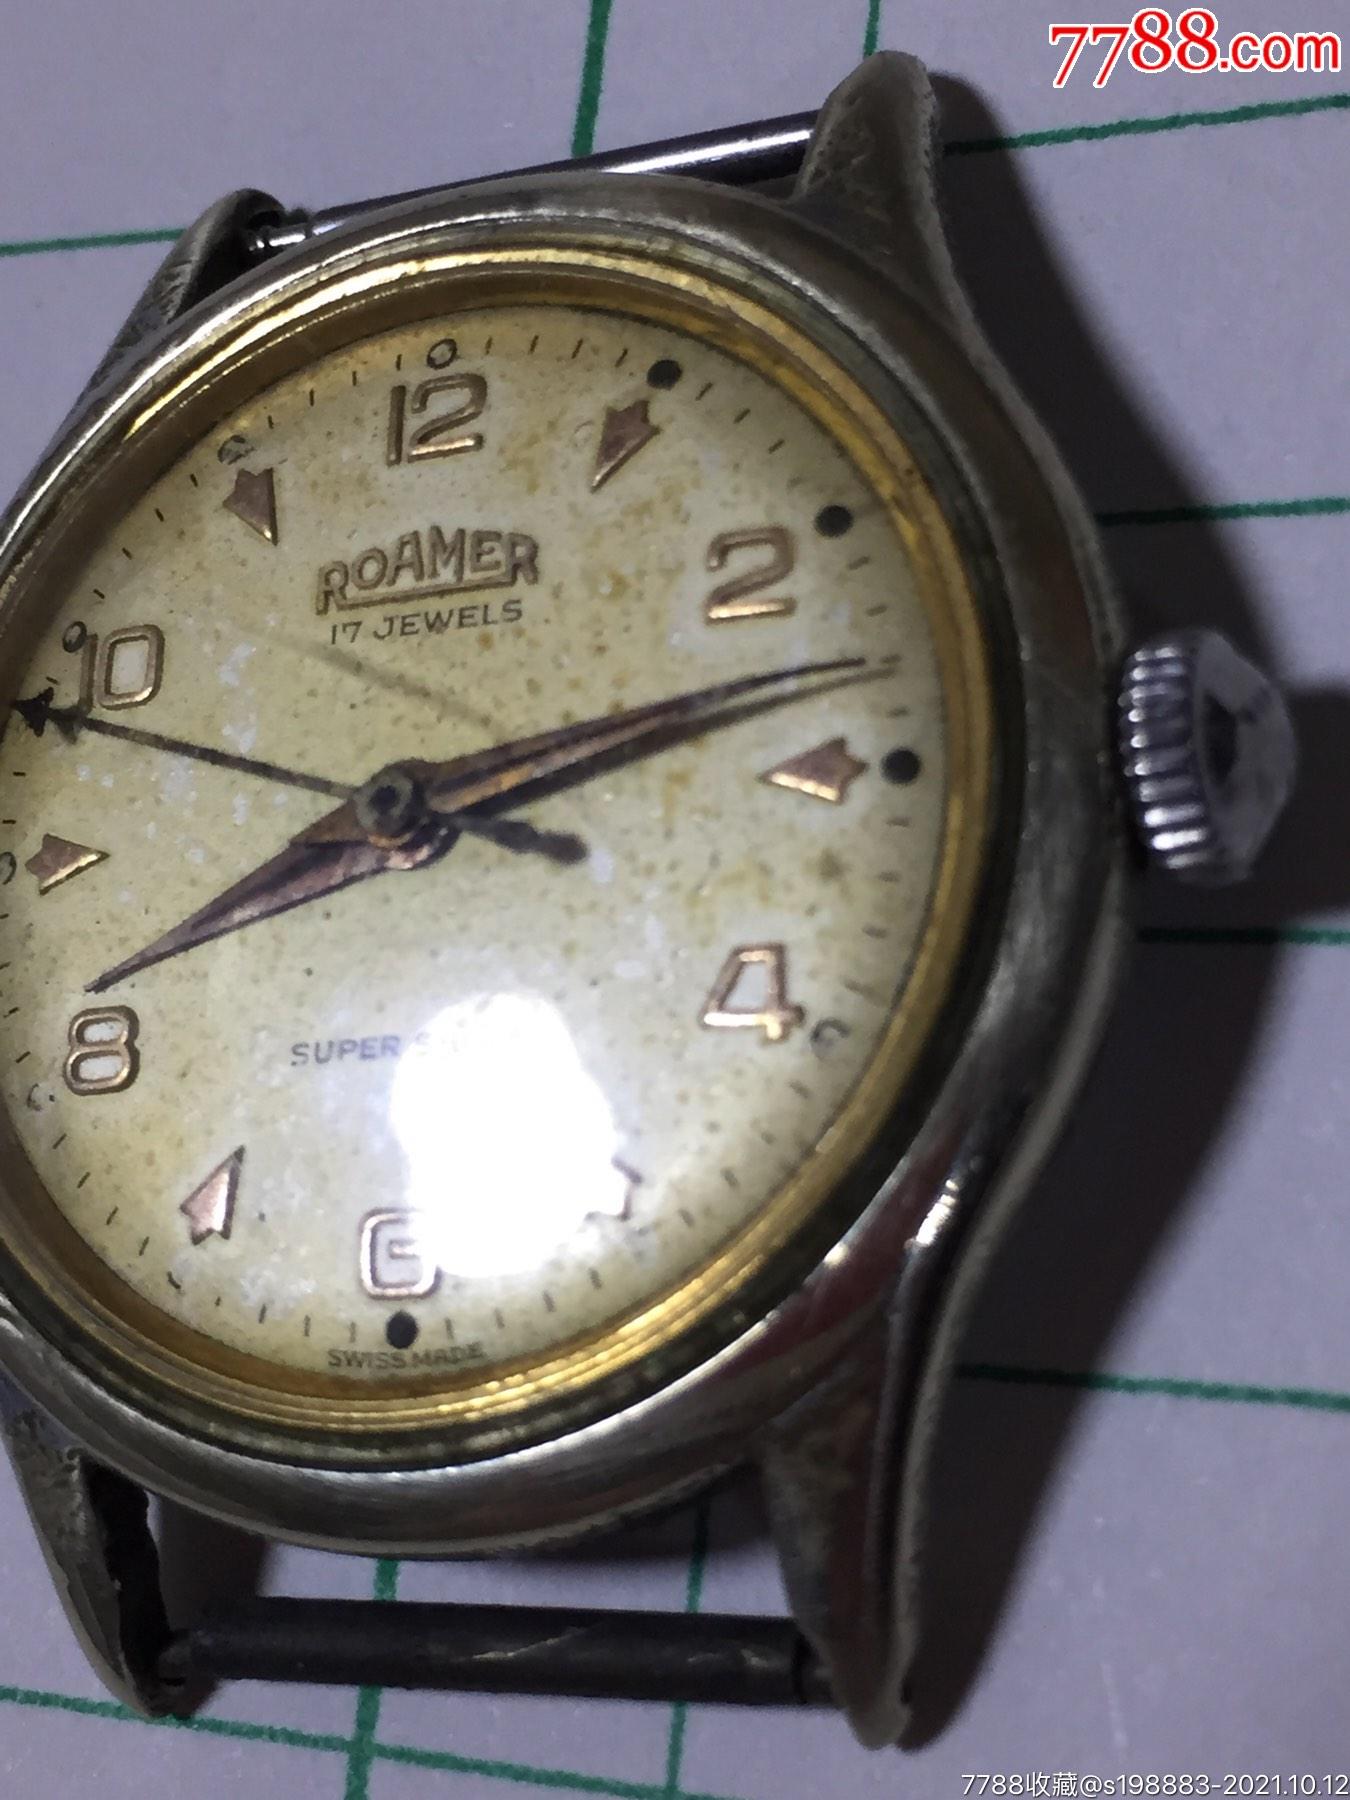 罗马手表正常走动_价格192元_第4张_